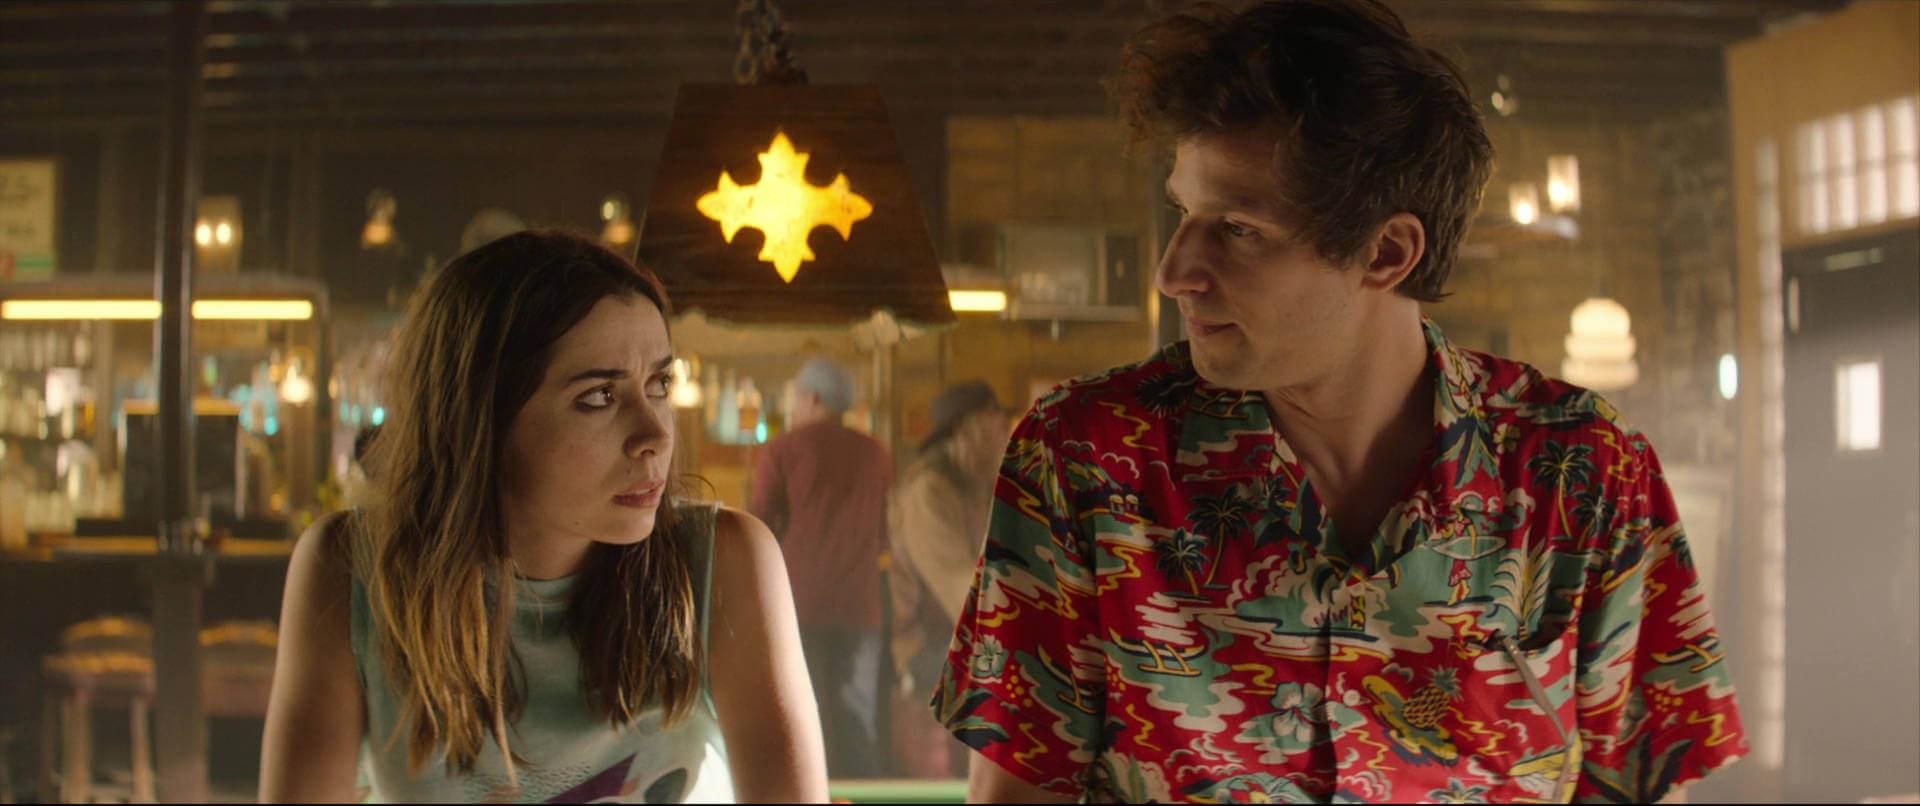 palmsprings_2020-movie-hulu